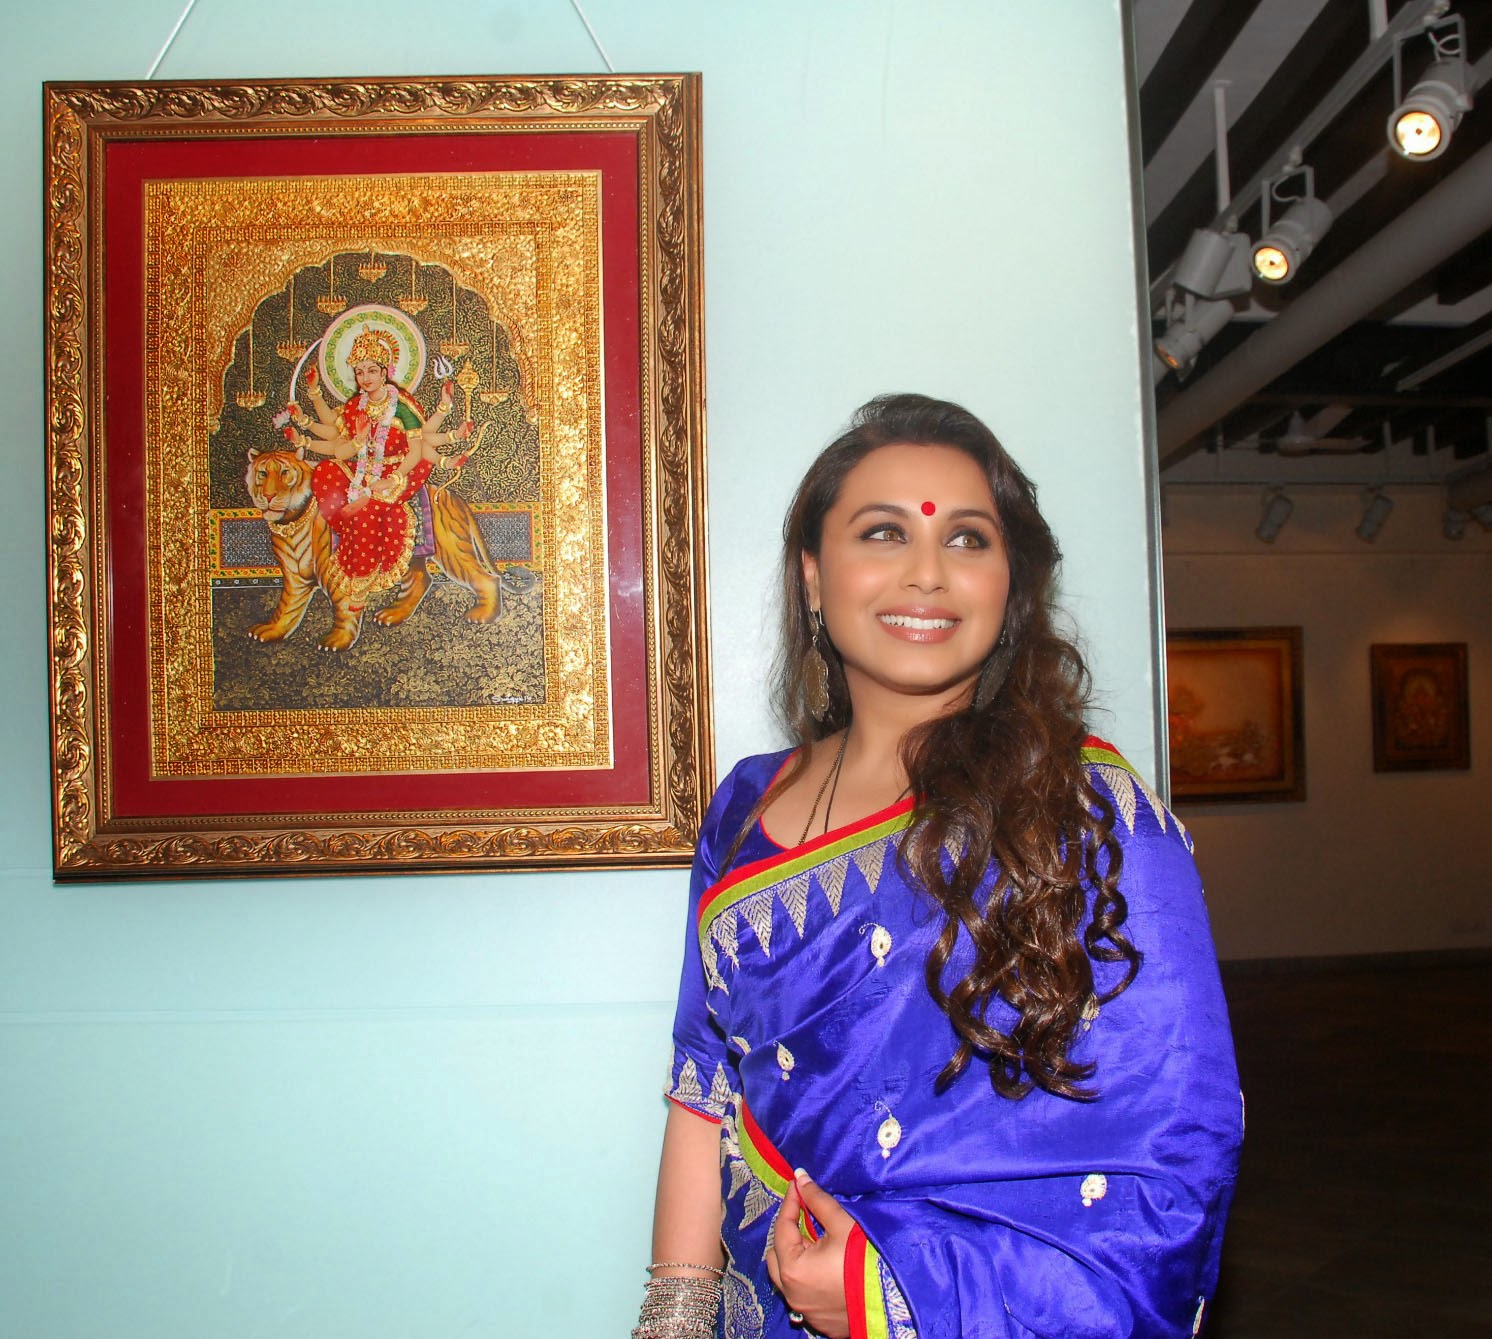 Rani Mukerji inaugurates Suvigya Sharma's art exhibition